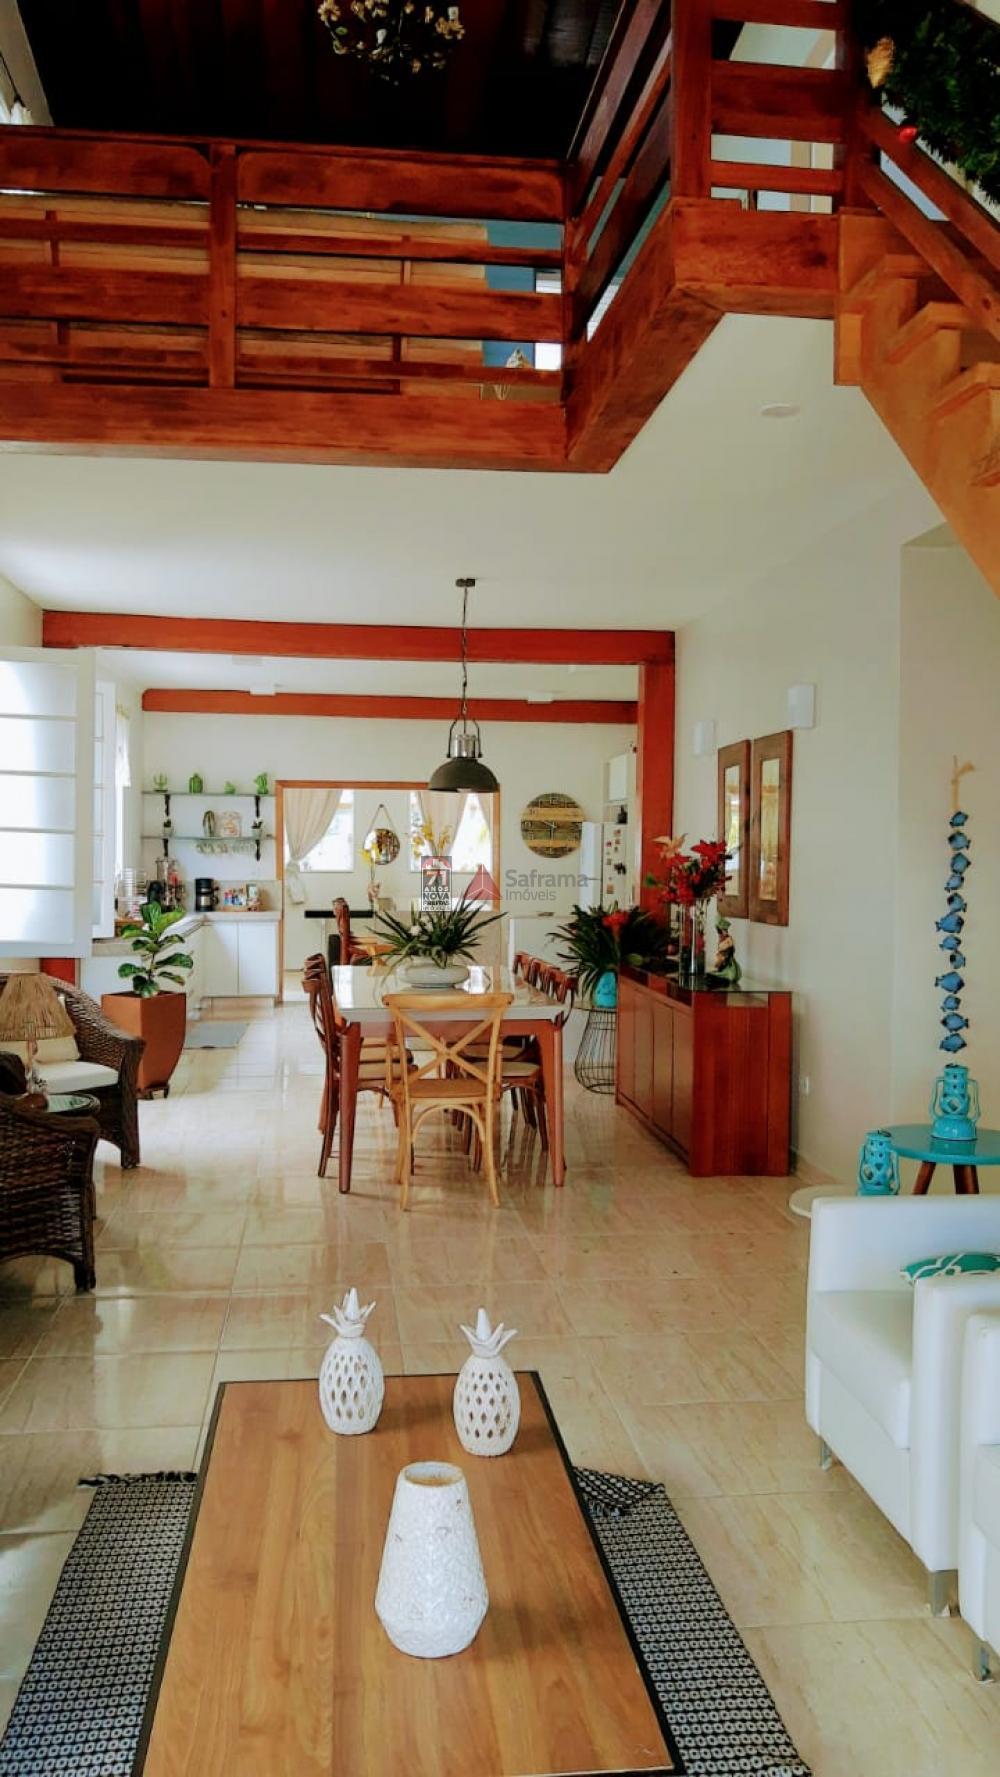 Comprar Casa / Sobrado em Caraguatatuba apenas R$ 1.600.000,00 - Foto 7